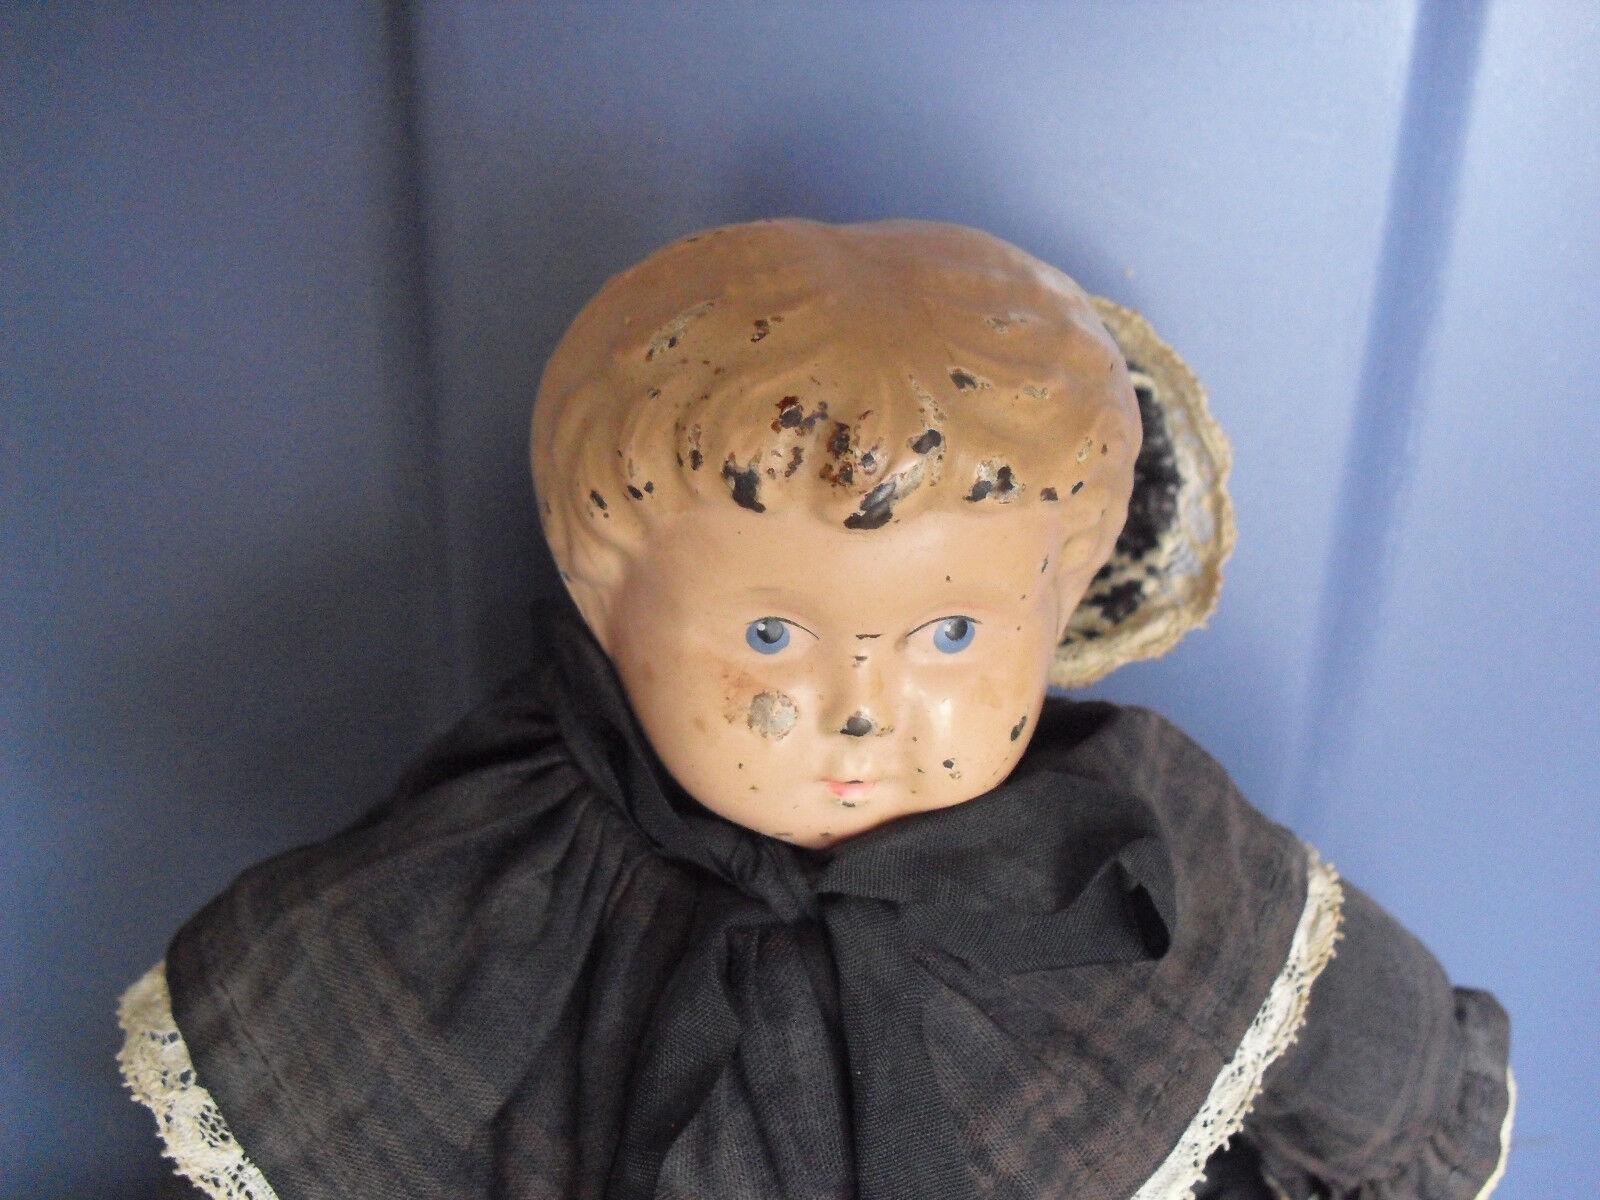 Vintage 1910s Metal Head Minerva 2  Geruomoy Cloth corpo Girl bambola 12  Ttutti  nessun minimo